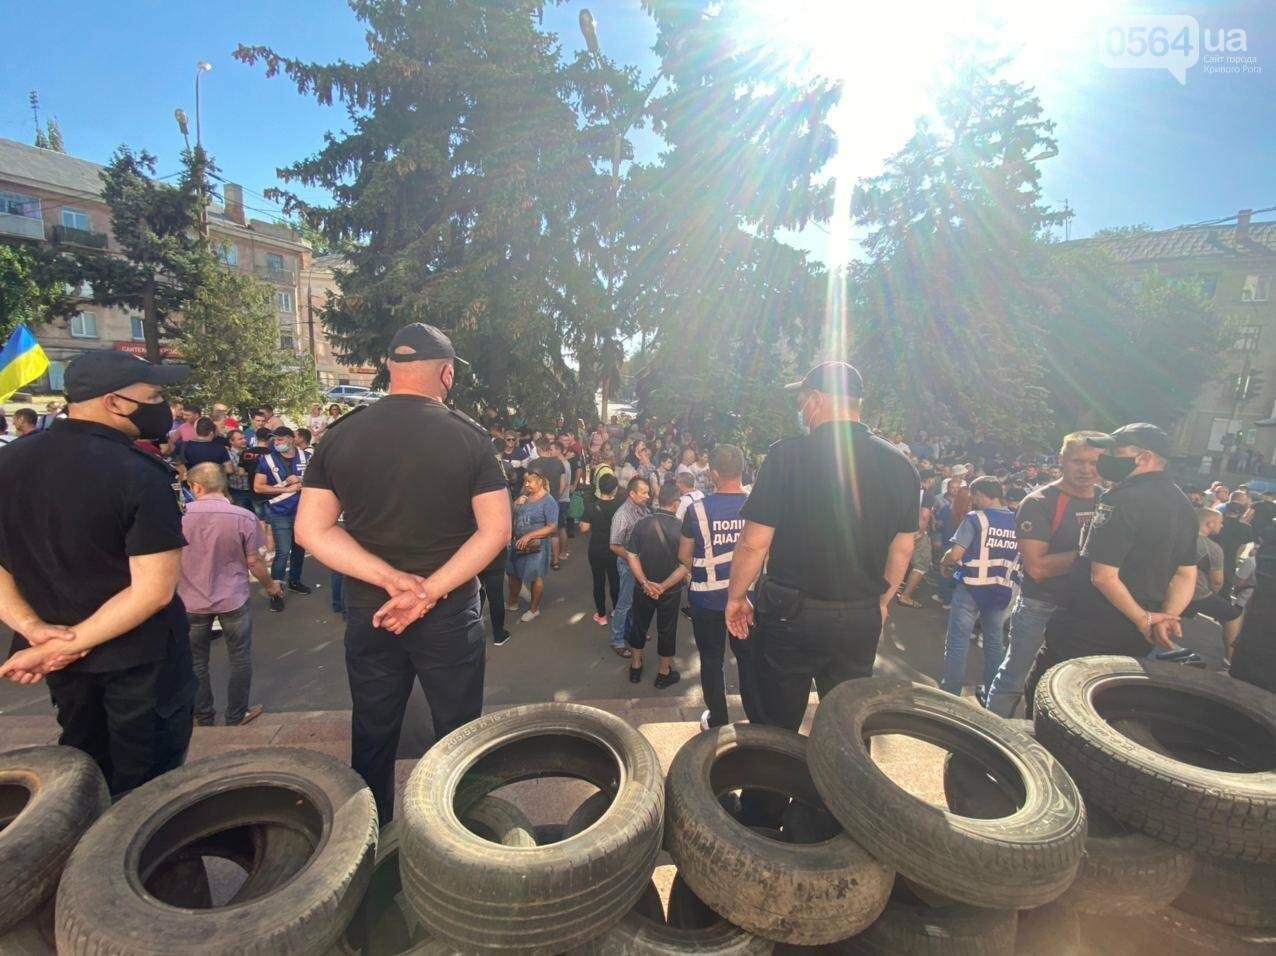 Отмолчаться не получится: у входа в админздание КЖРК проходит массовый митинг, на ступеньках сложены шины,  - ФОТО, ВИДЕО, фото-23